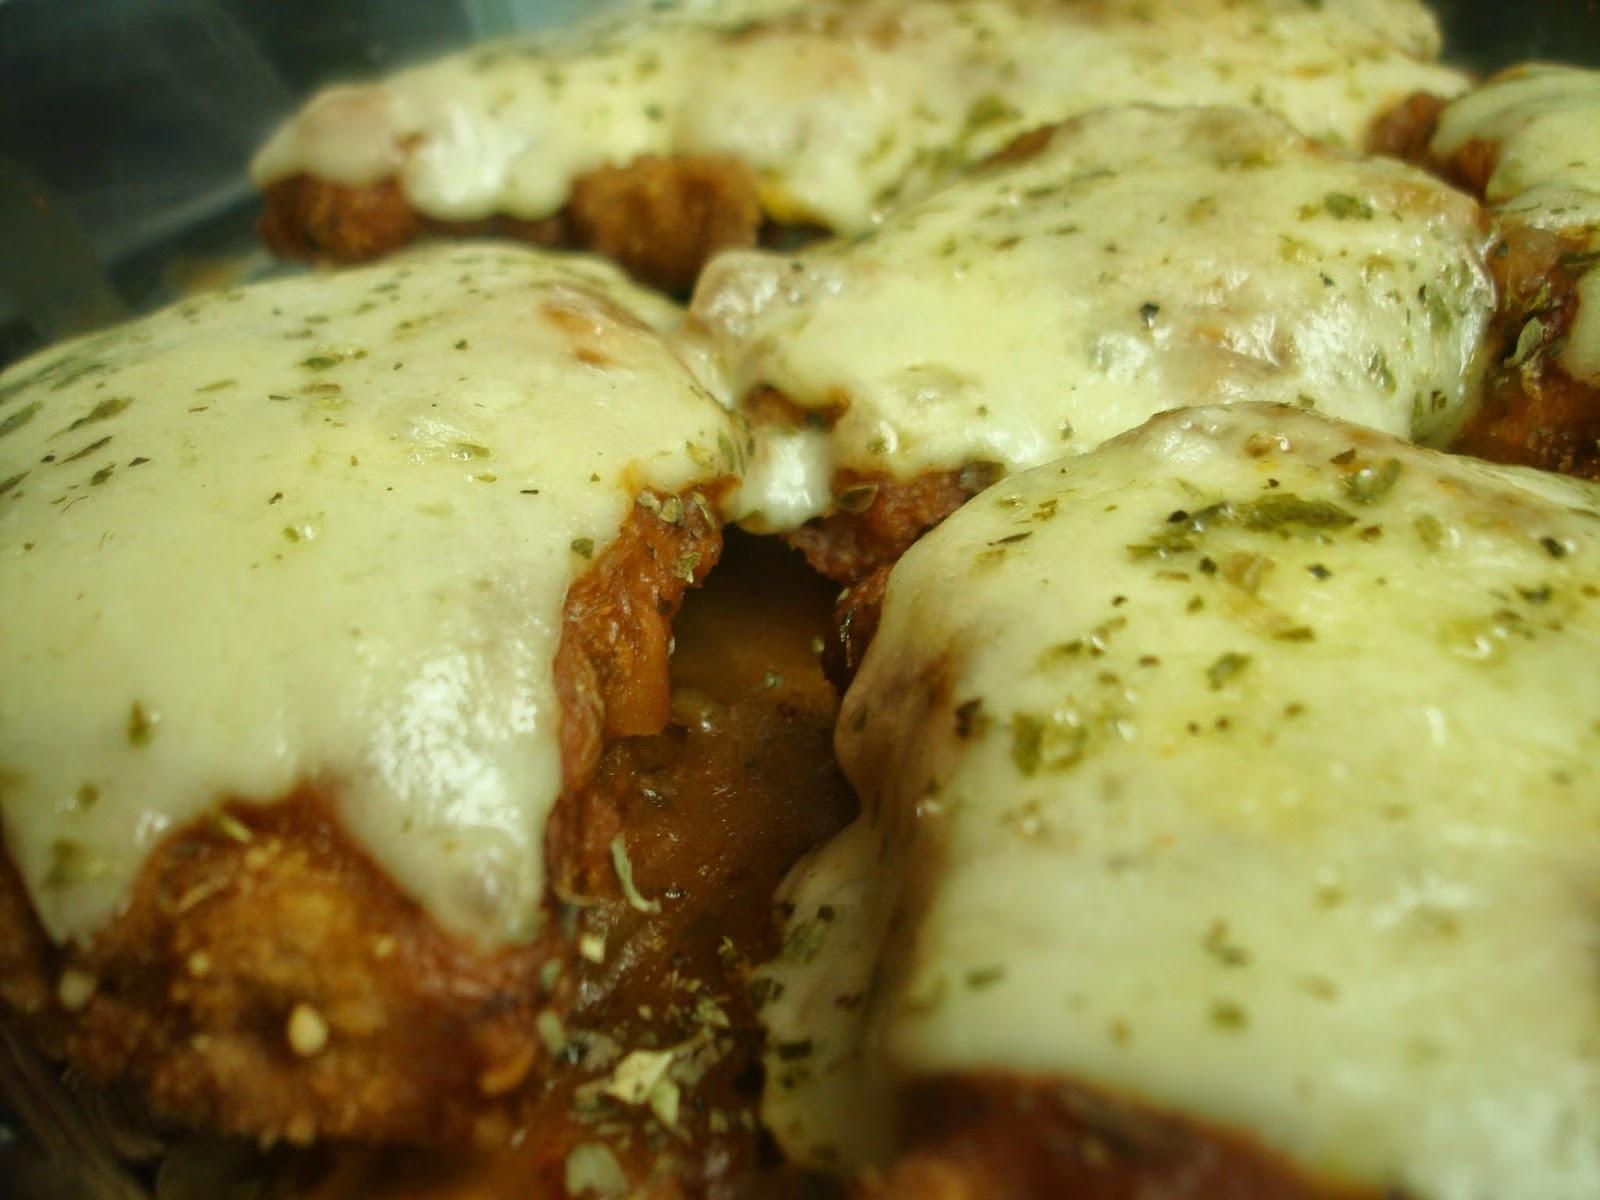 como congelar file de frango a parmegiana